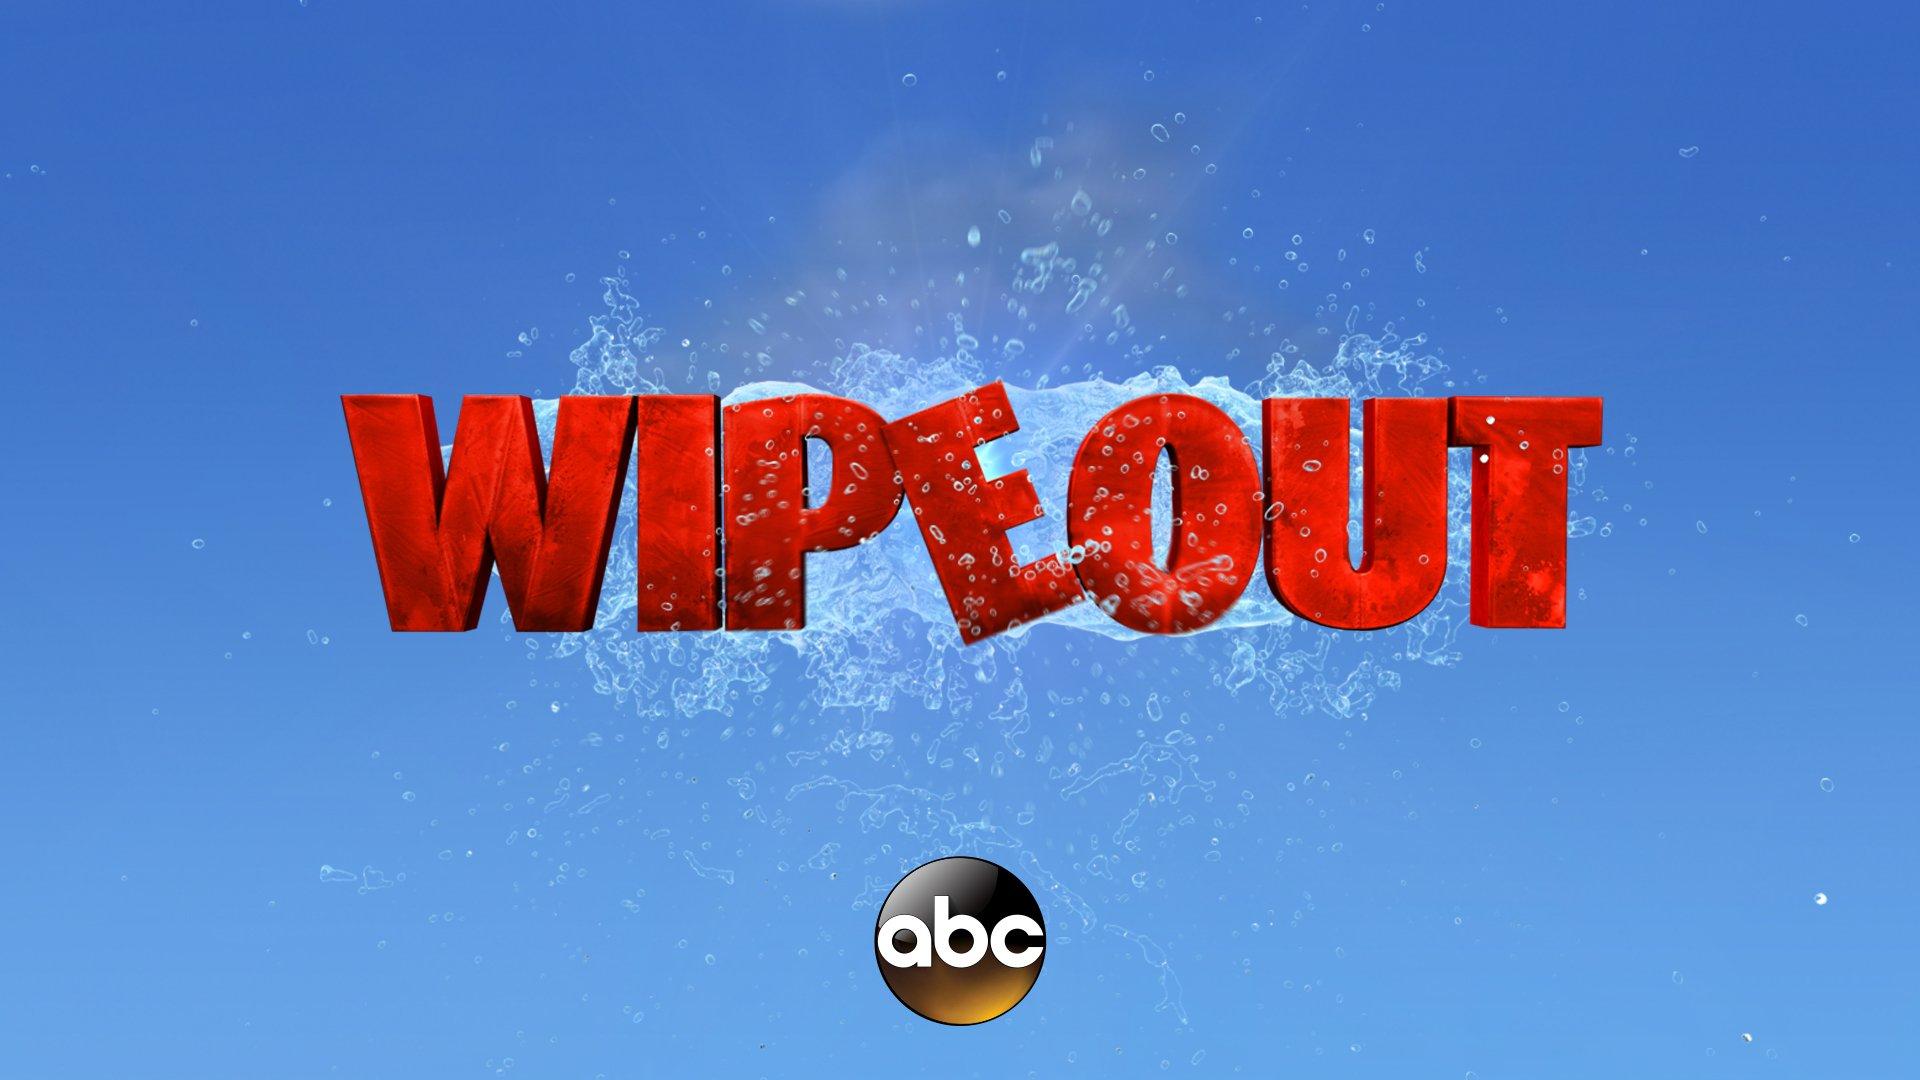 wipeout abc